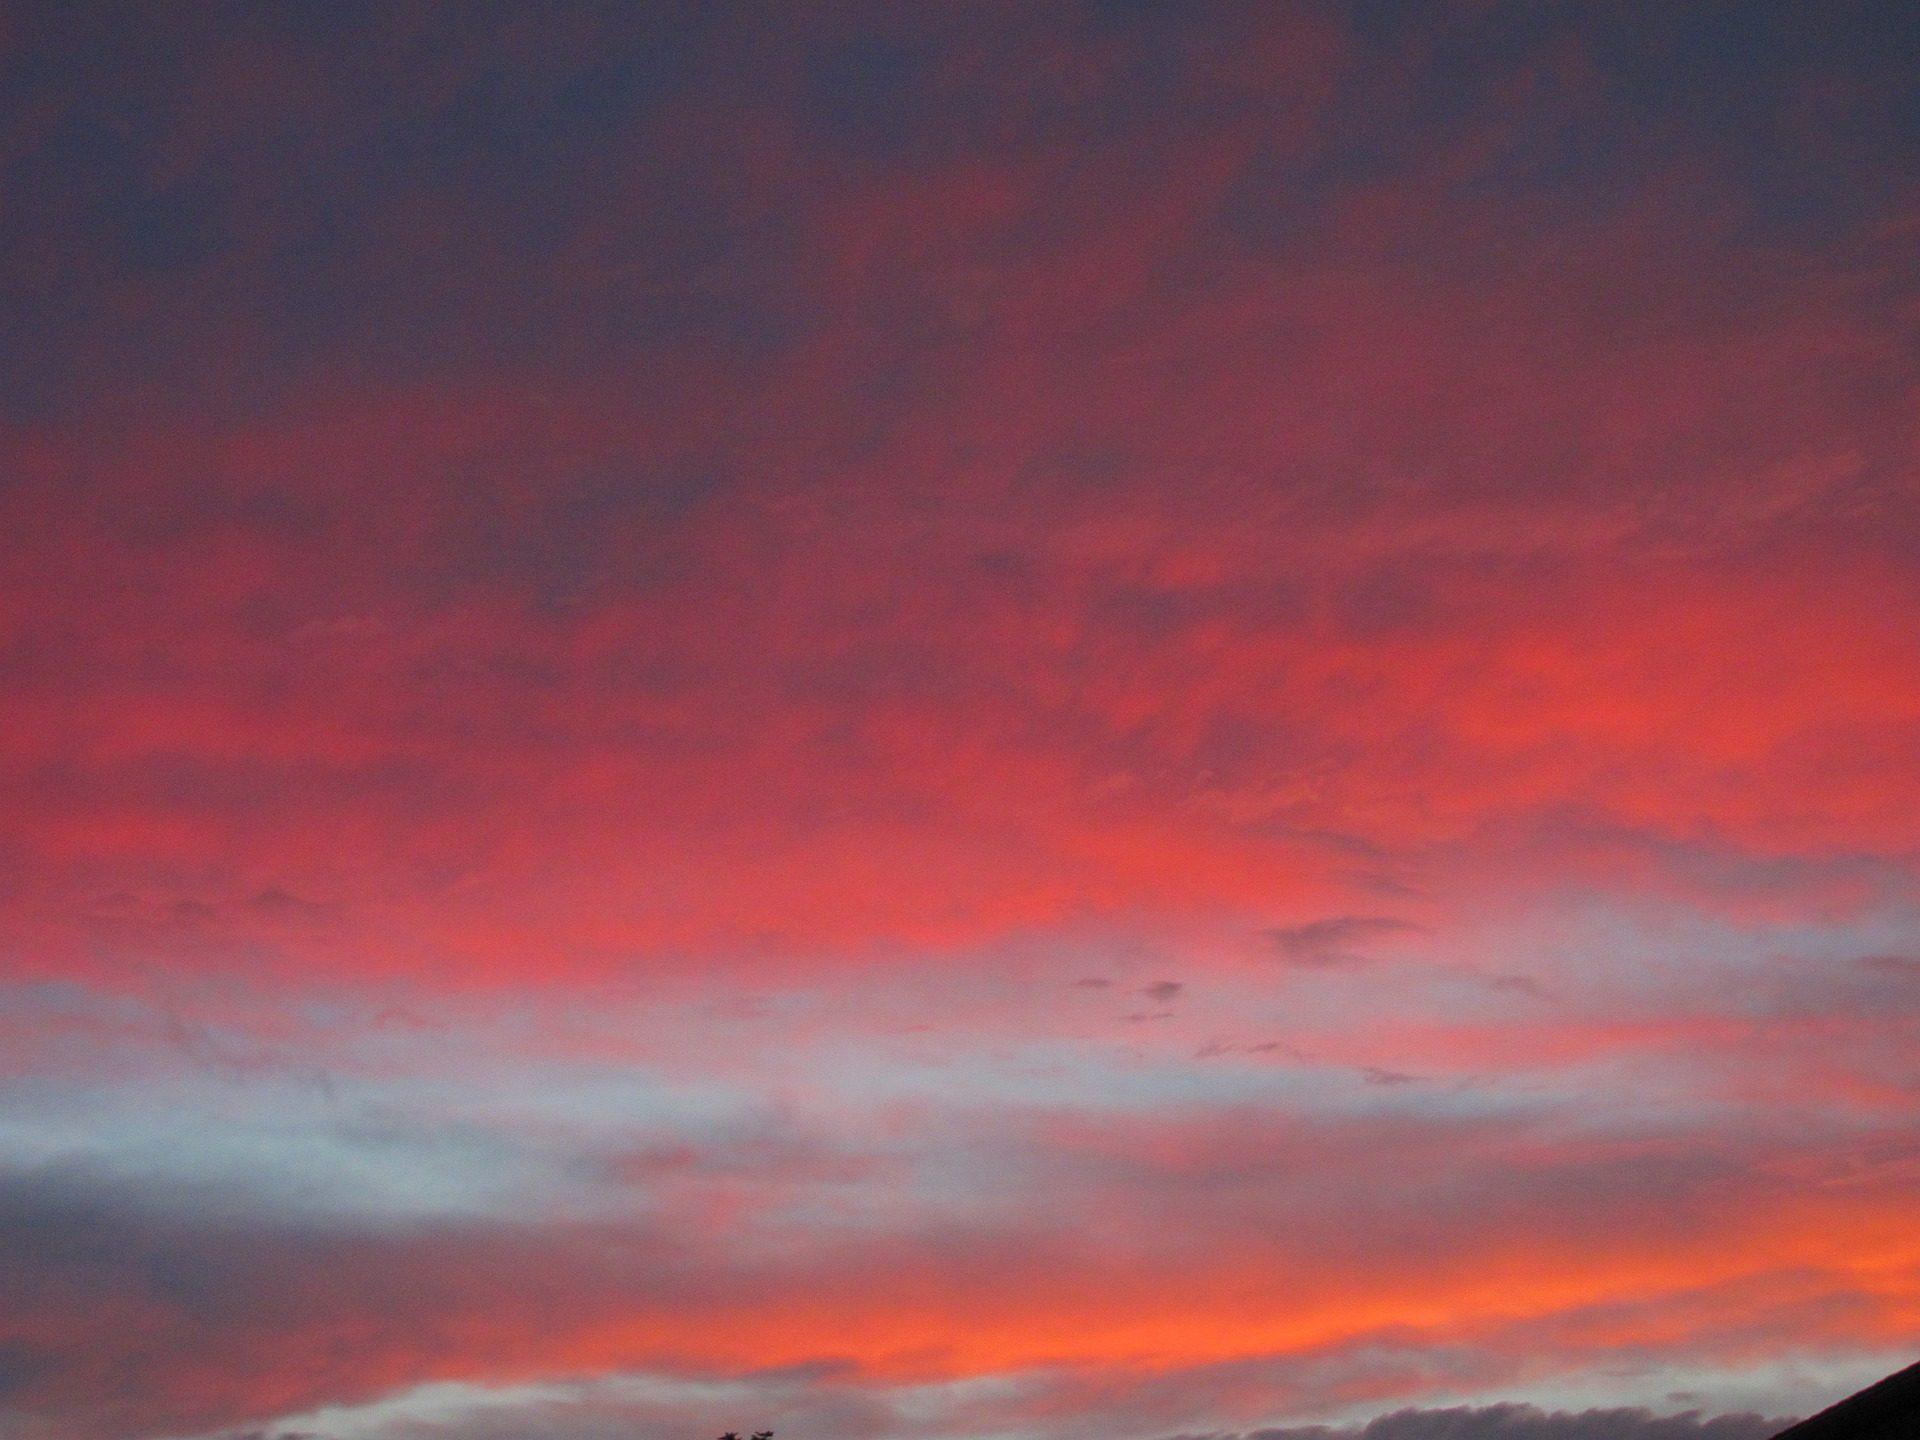 空, 雲, サンセット, rojo, 赤, オレンジ - HD の壁紙 - 教授-falken.com